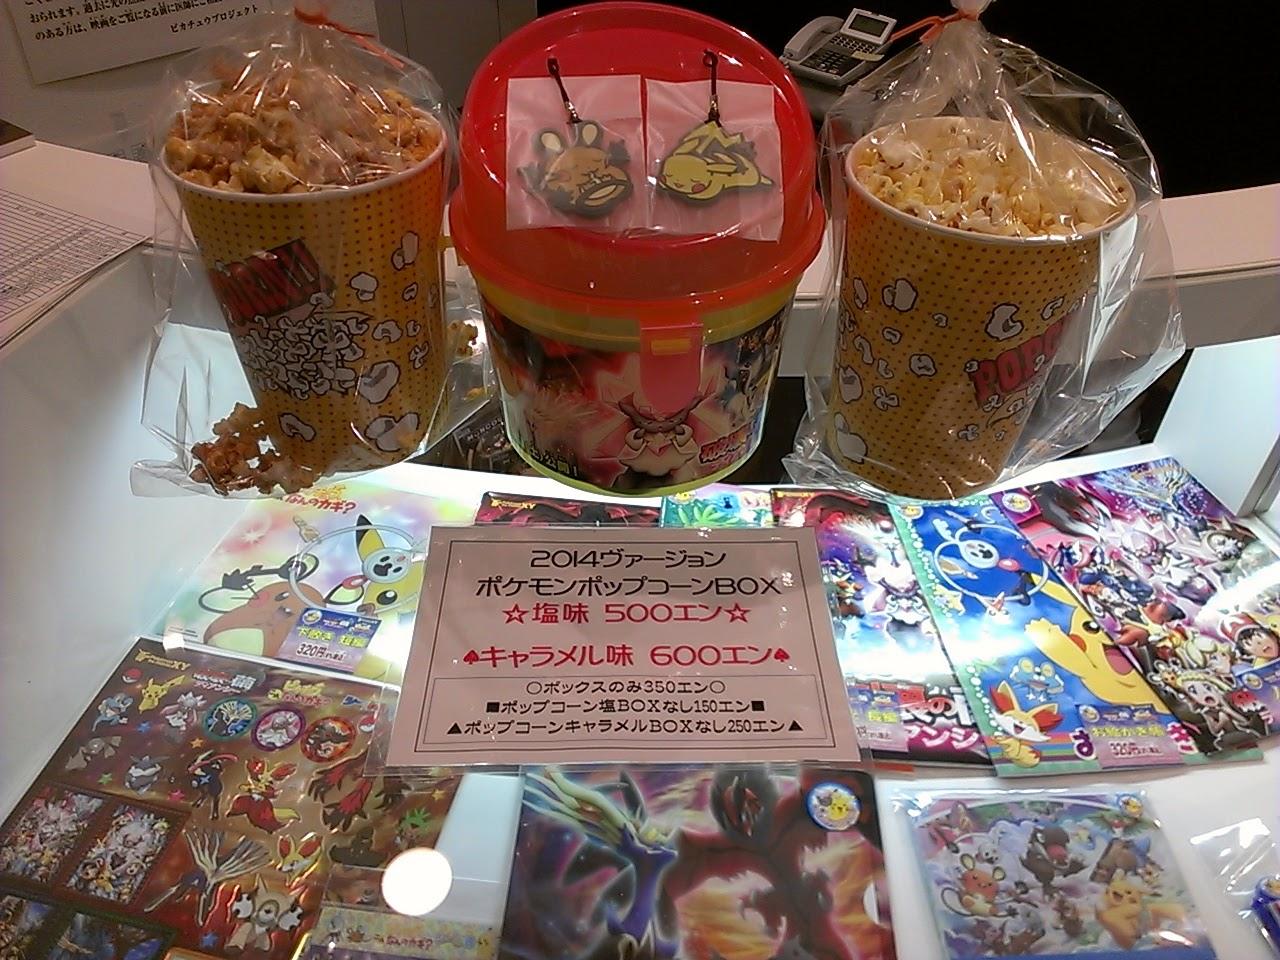 盛岡中劇オフィシャルブログ: ポケモン初日&妖怪ウォッチ前売りについて